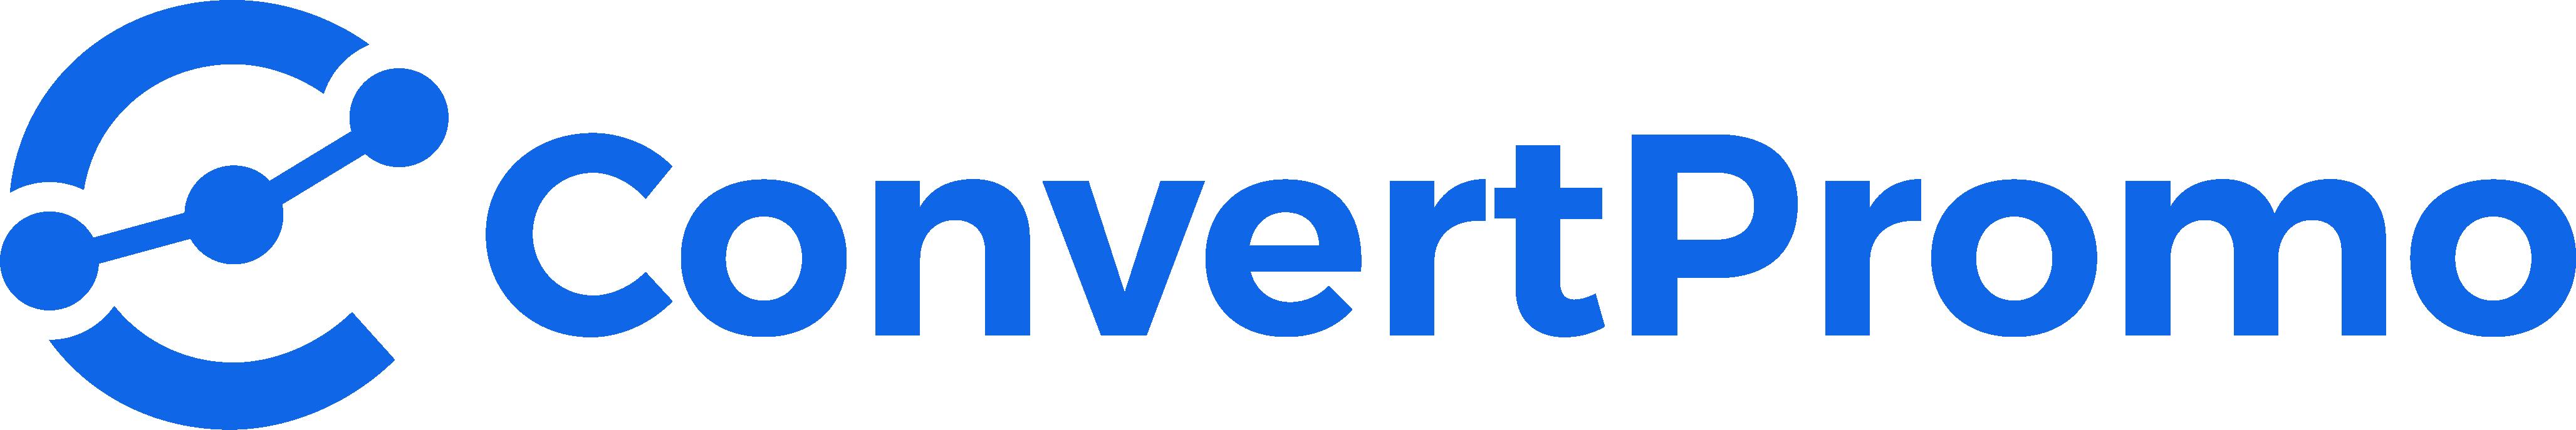 ConvertPromo